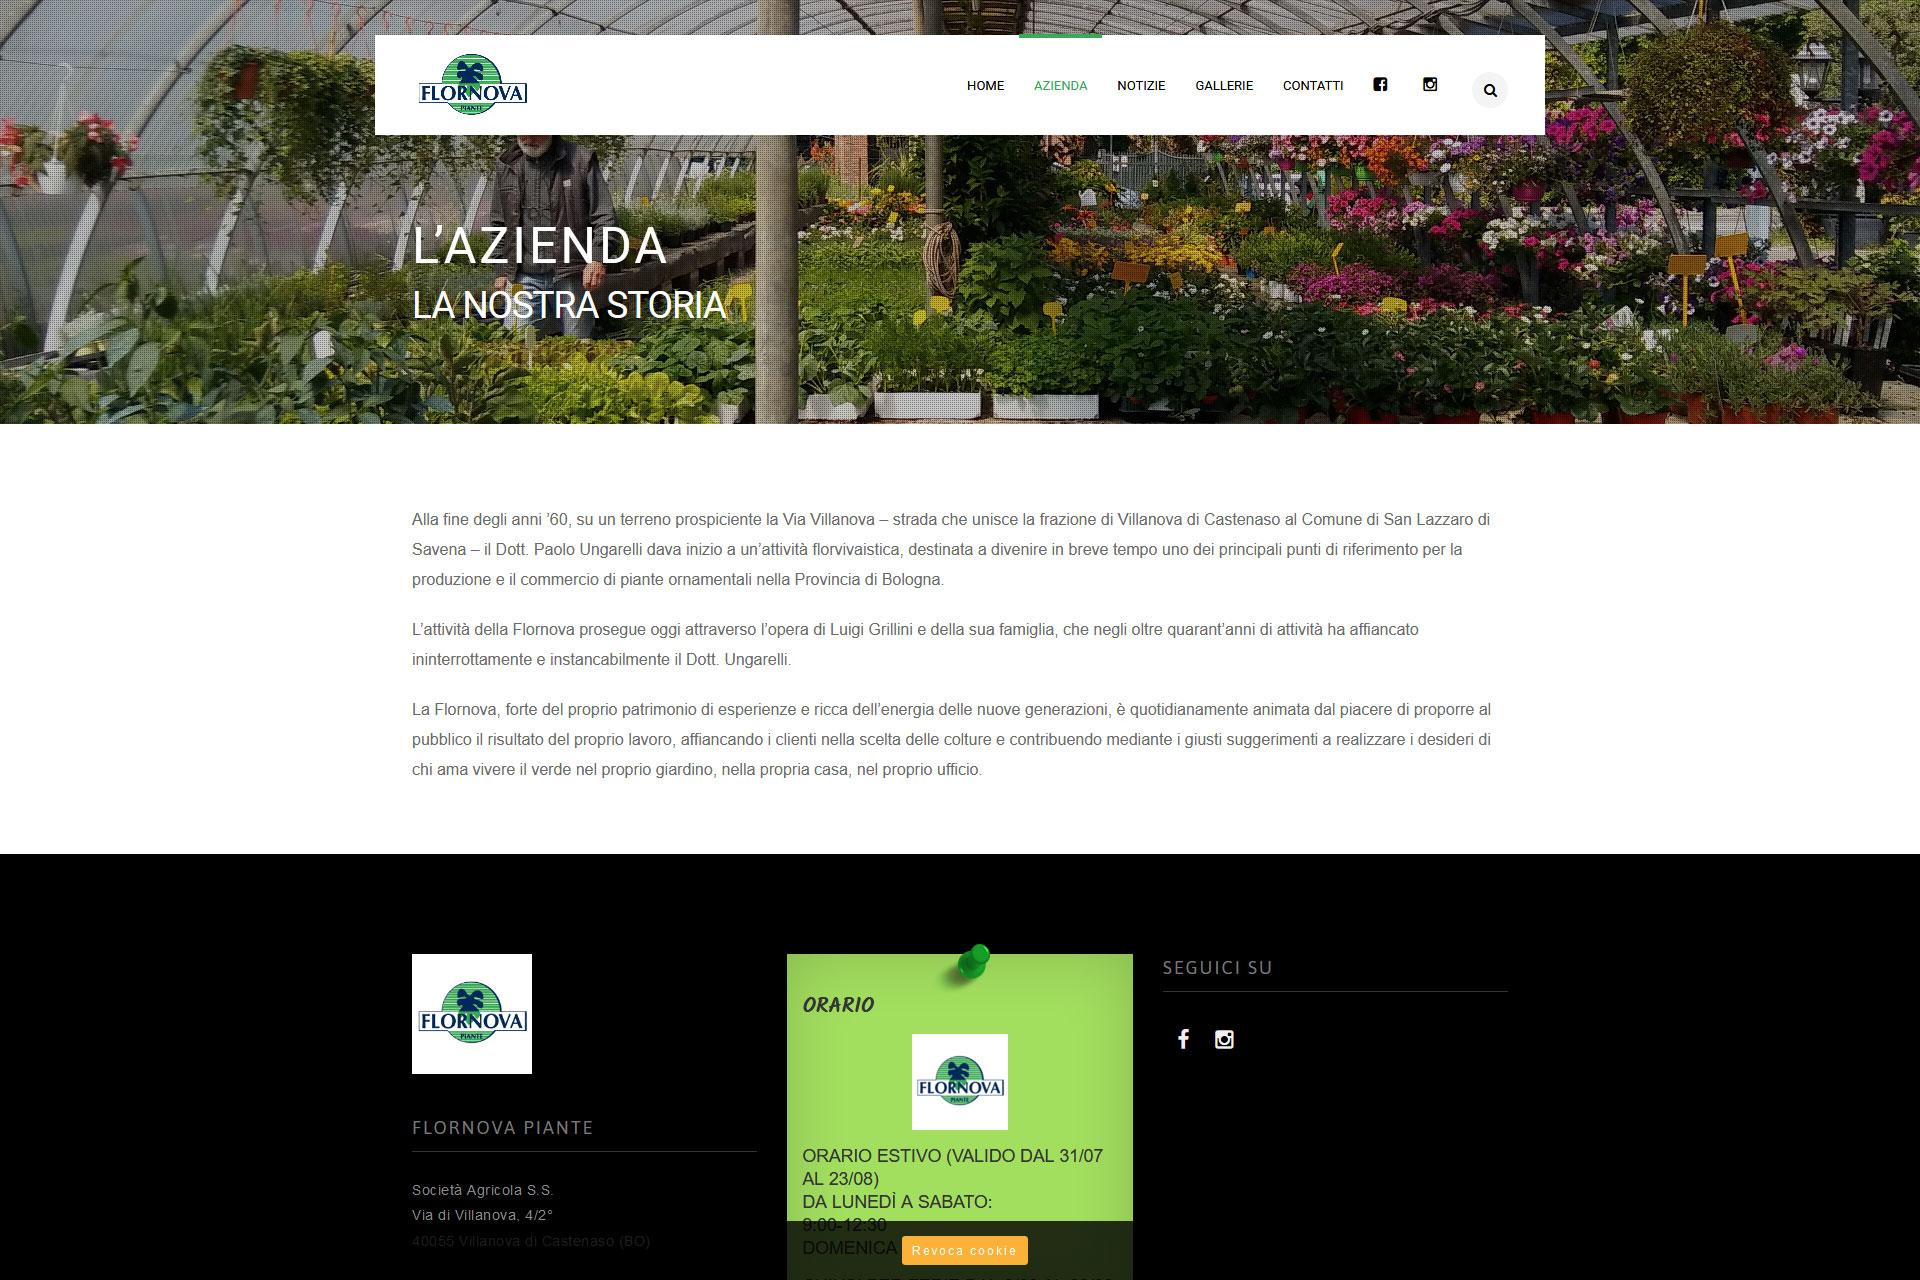 lv-design-realizzazione-siti-web-bologna-portfolio-flornova-piante-slide-3